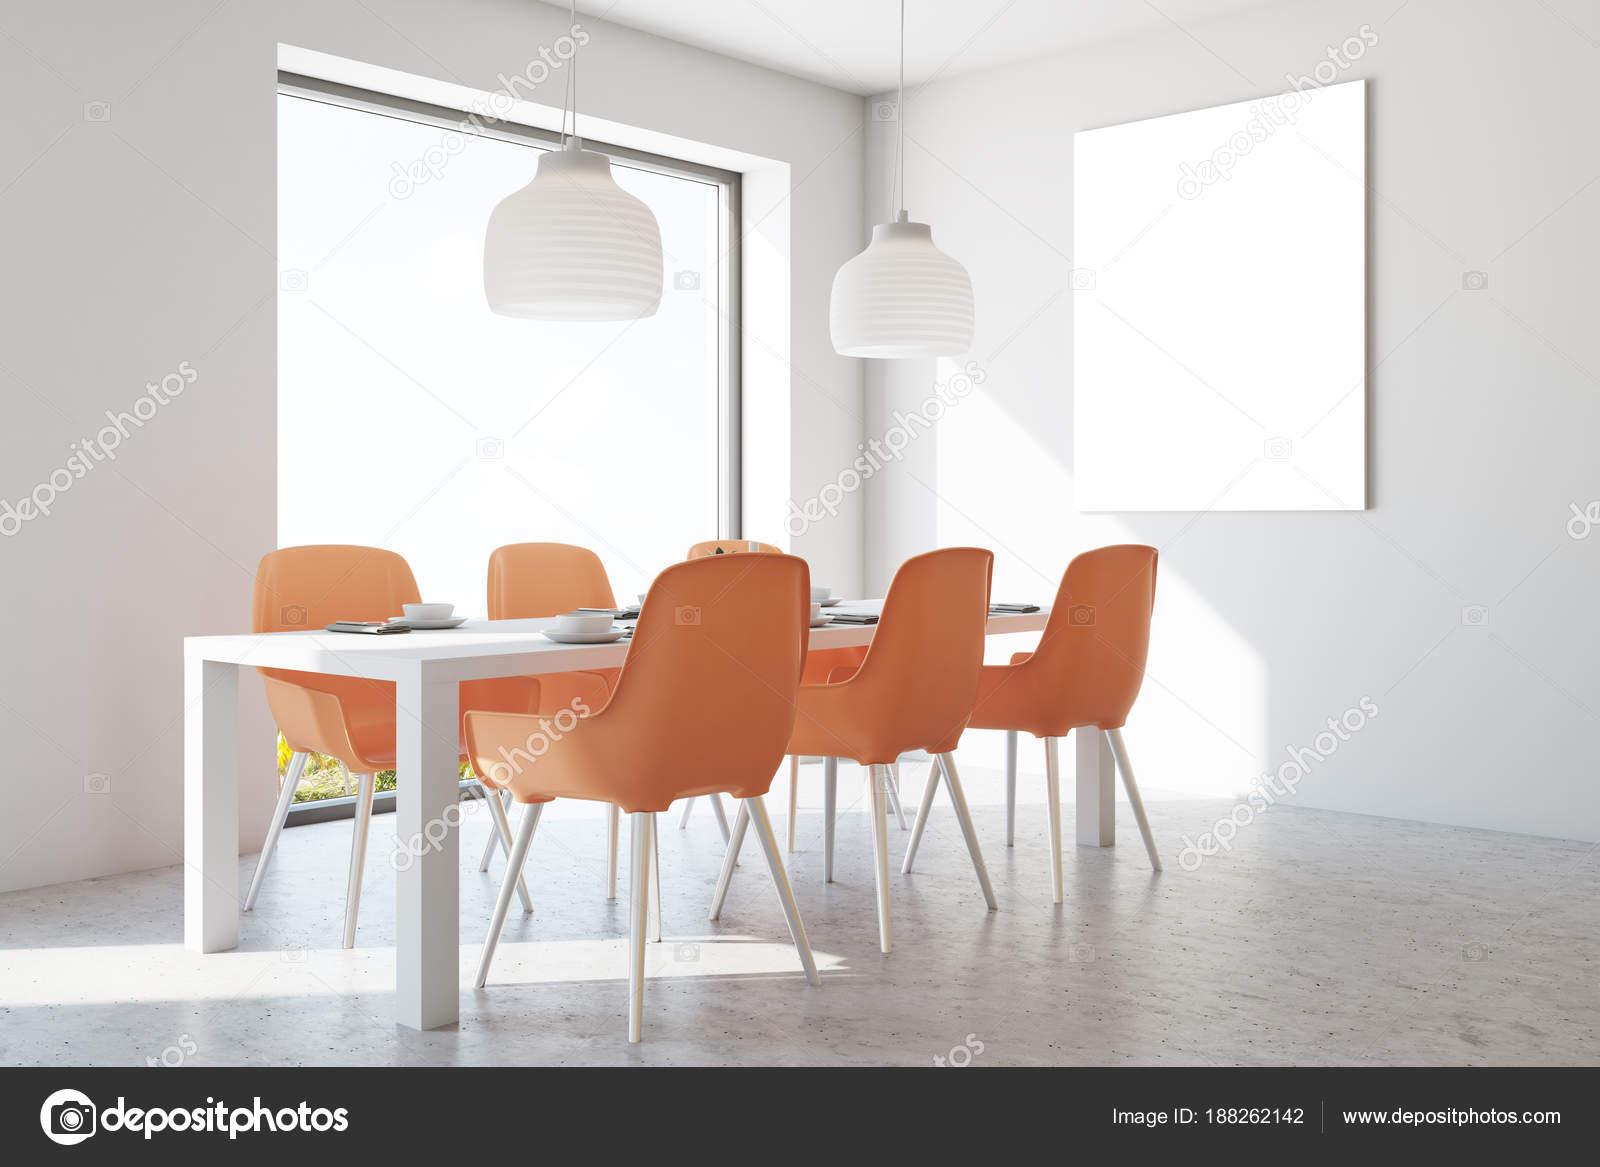 intrieur de salle manger mur blanc avec un plancher de bton une table en bois et chaises orange une affiche rendu 3d maquette image de